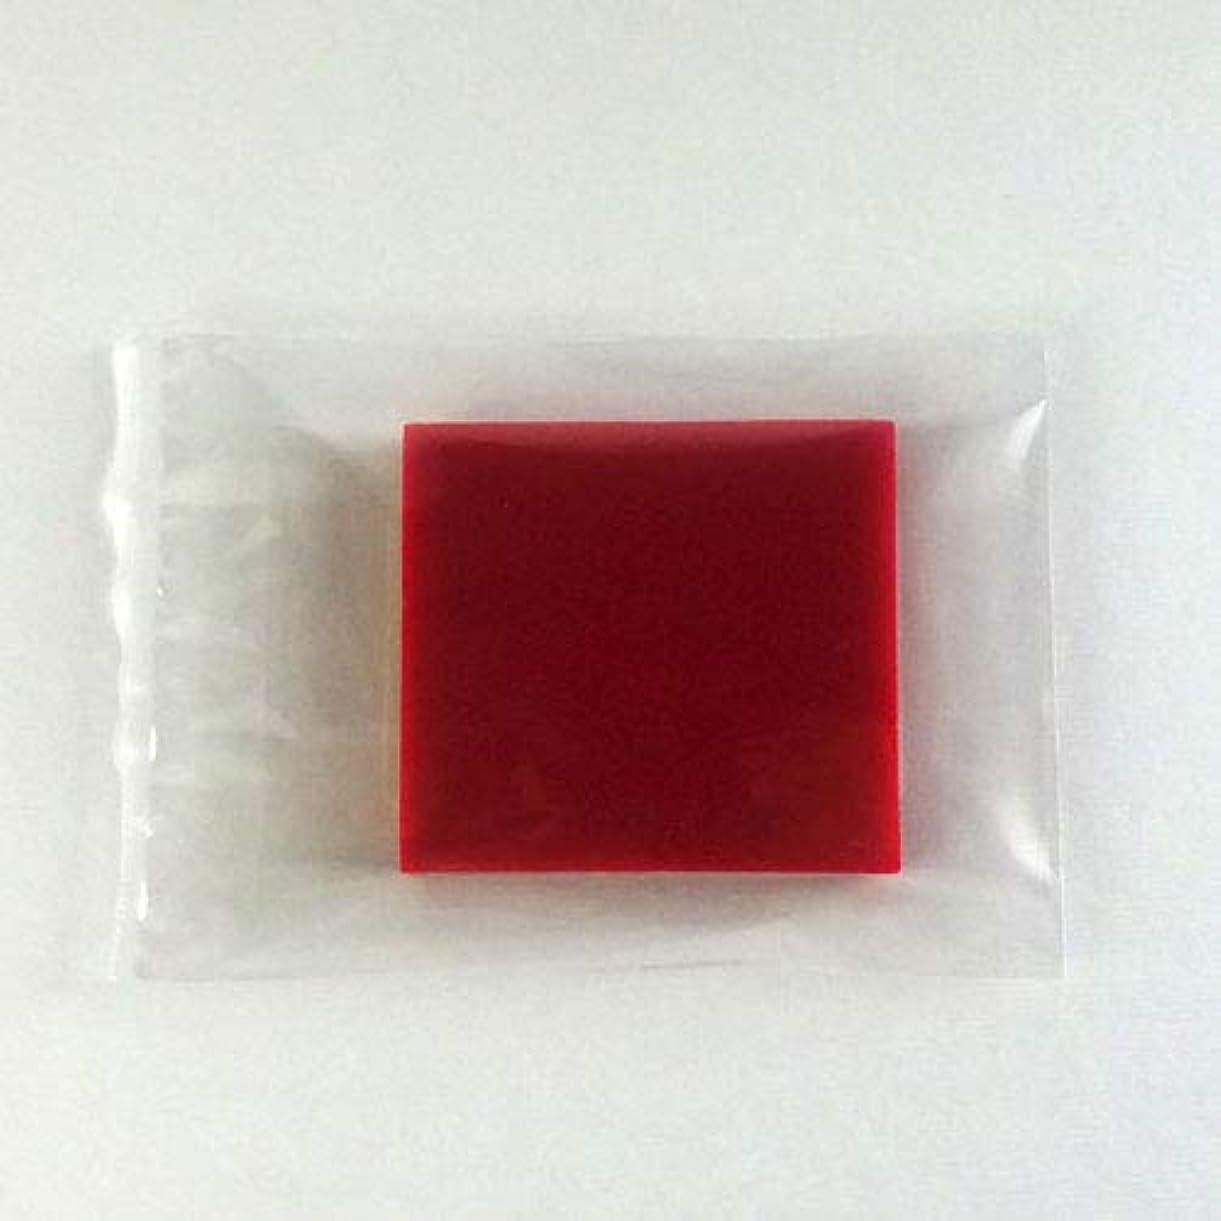 意図的タイトルスライスグリセリンソープ MPソープ 色チップ 赤(レッド) 30g